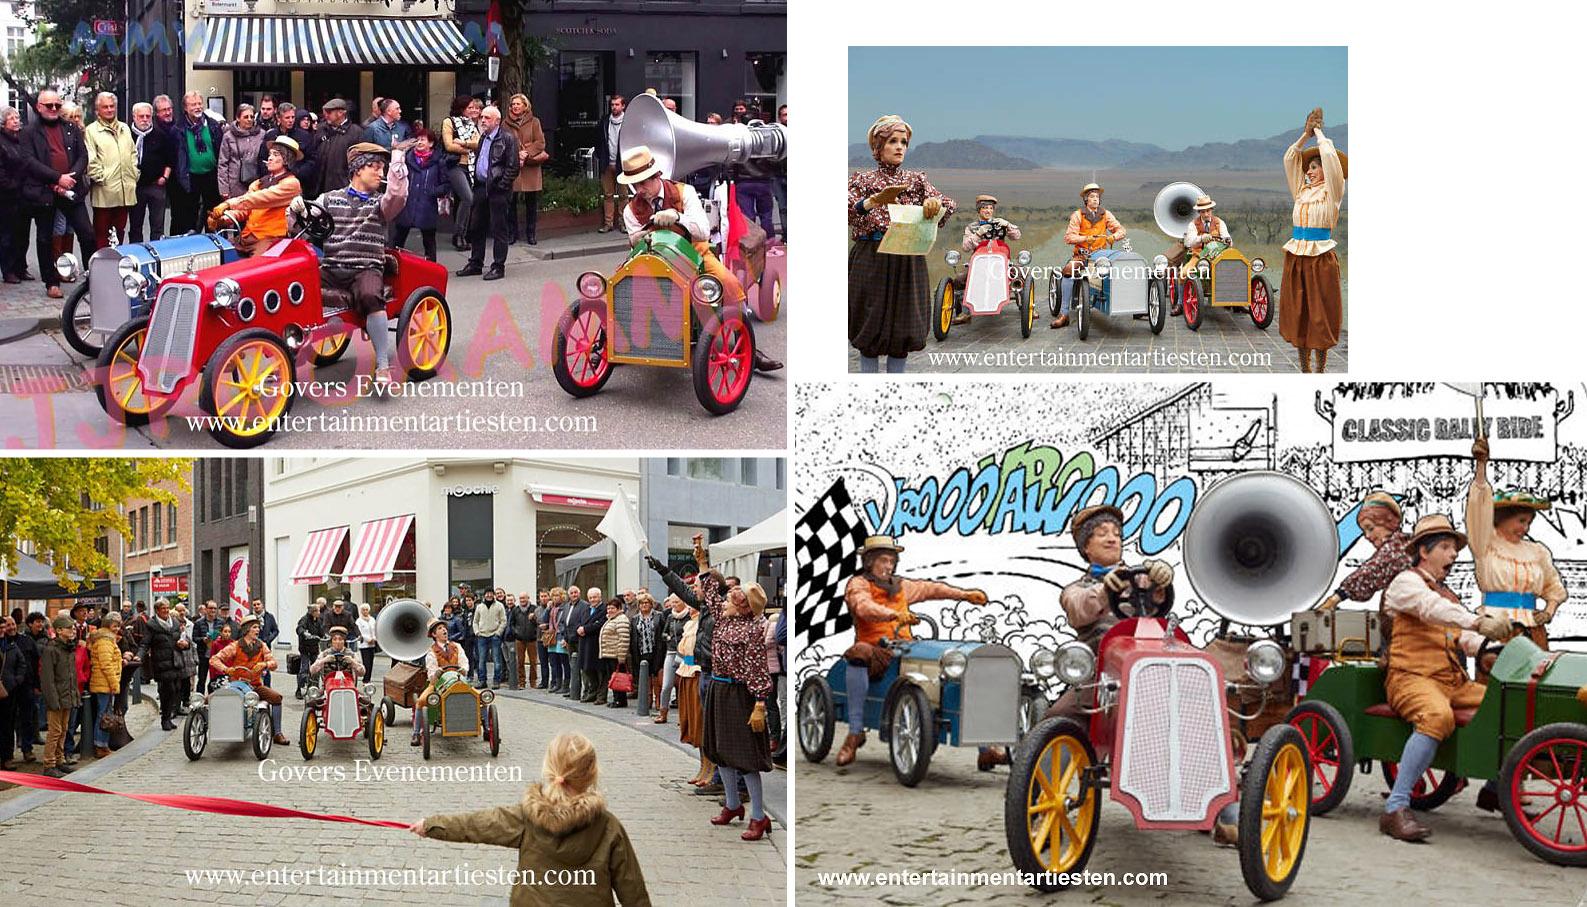 Straattheater, De Motoren Ronken In de verte klinkt de omroeper met zijn wervelende commentaar, de motoren ronken, het startschot knalt, straattheater, straatact, festival theater, Govers Evenementen, www.goversartiesten.nl